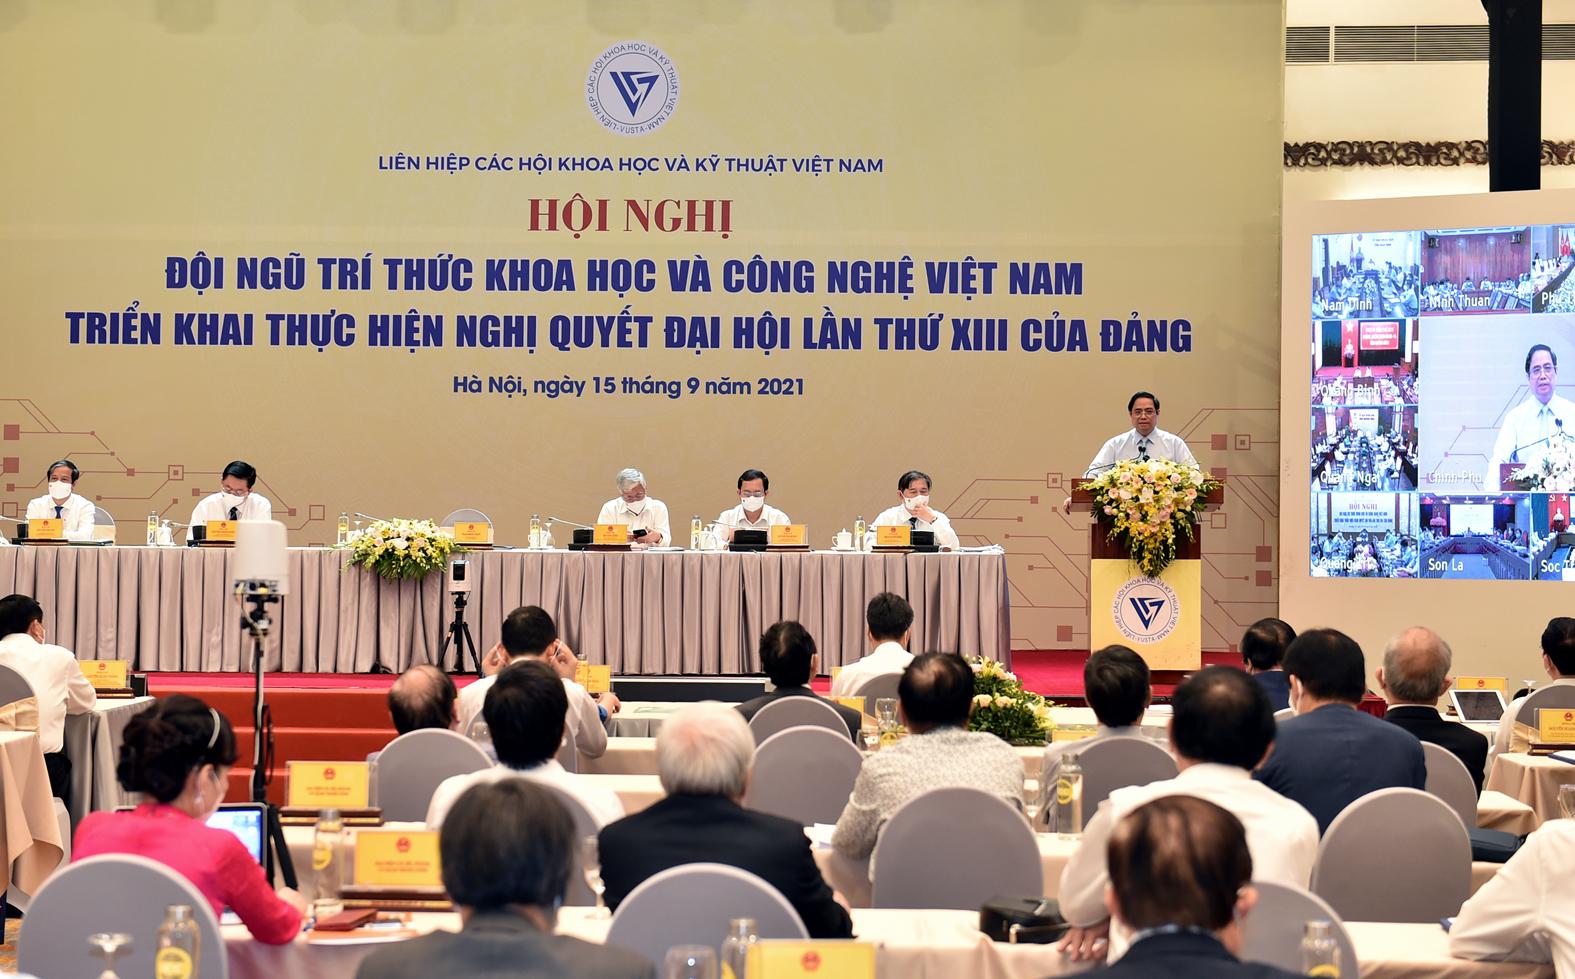 Hội nghị đã tập trung vào những nội dung chính để giải quyết mong muốn và khát vọng đóng góp của các nhà khoa học, đội ngũ trí thức cho sự nghiệp xây dựng và bảo vệ Tổ quốc - Ảnh: VGP/Nhật Bắc